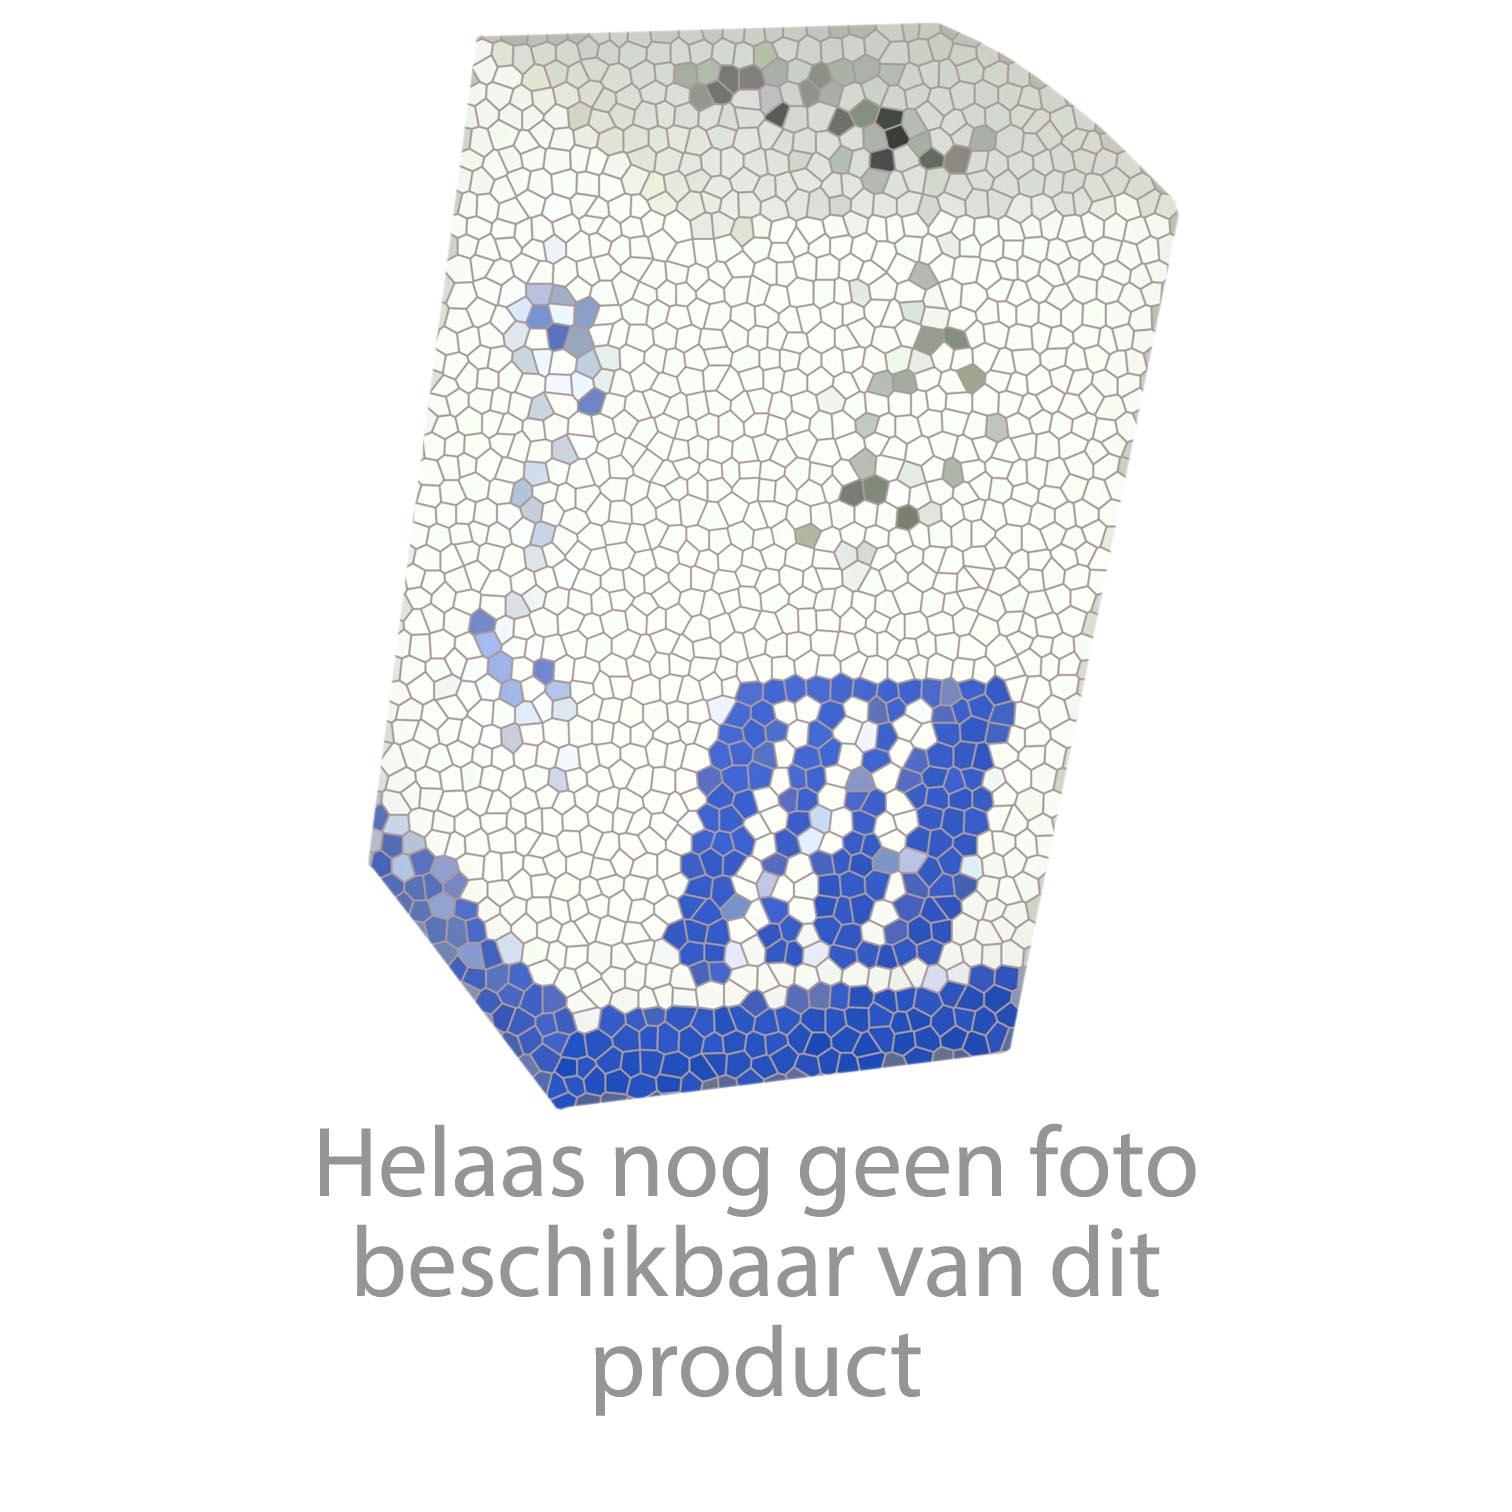 HansGrohe Afvoer- en overloopgarnituren Bekersifons productiejaar > 01/77 55213 onderdelen